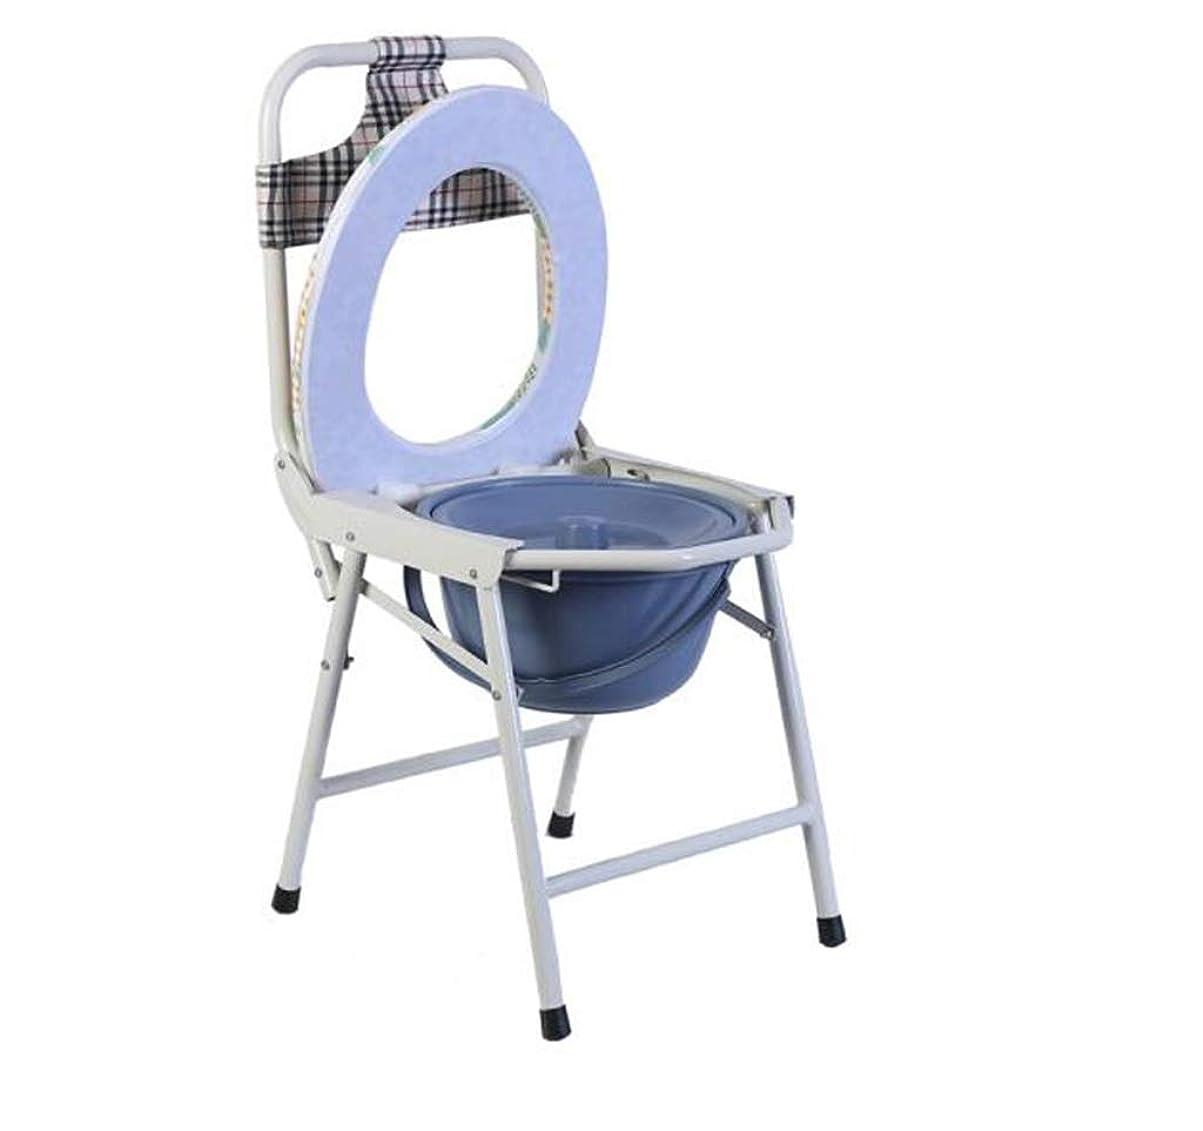 なめらか二年生高齢者トイレ折りたたみ式鋼管妊婦身体障害者用トイレチェア